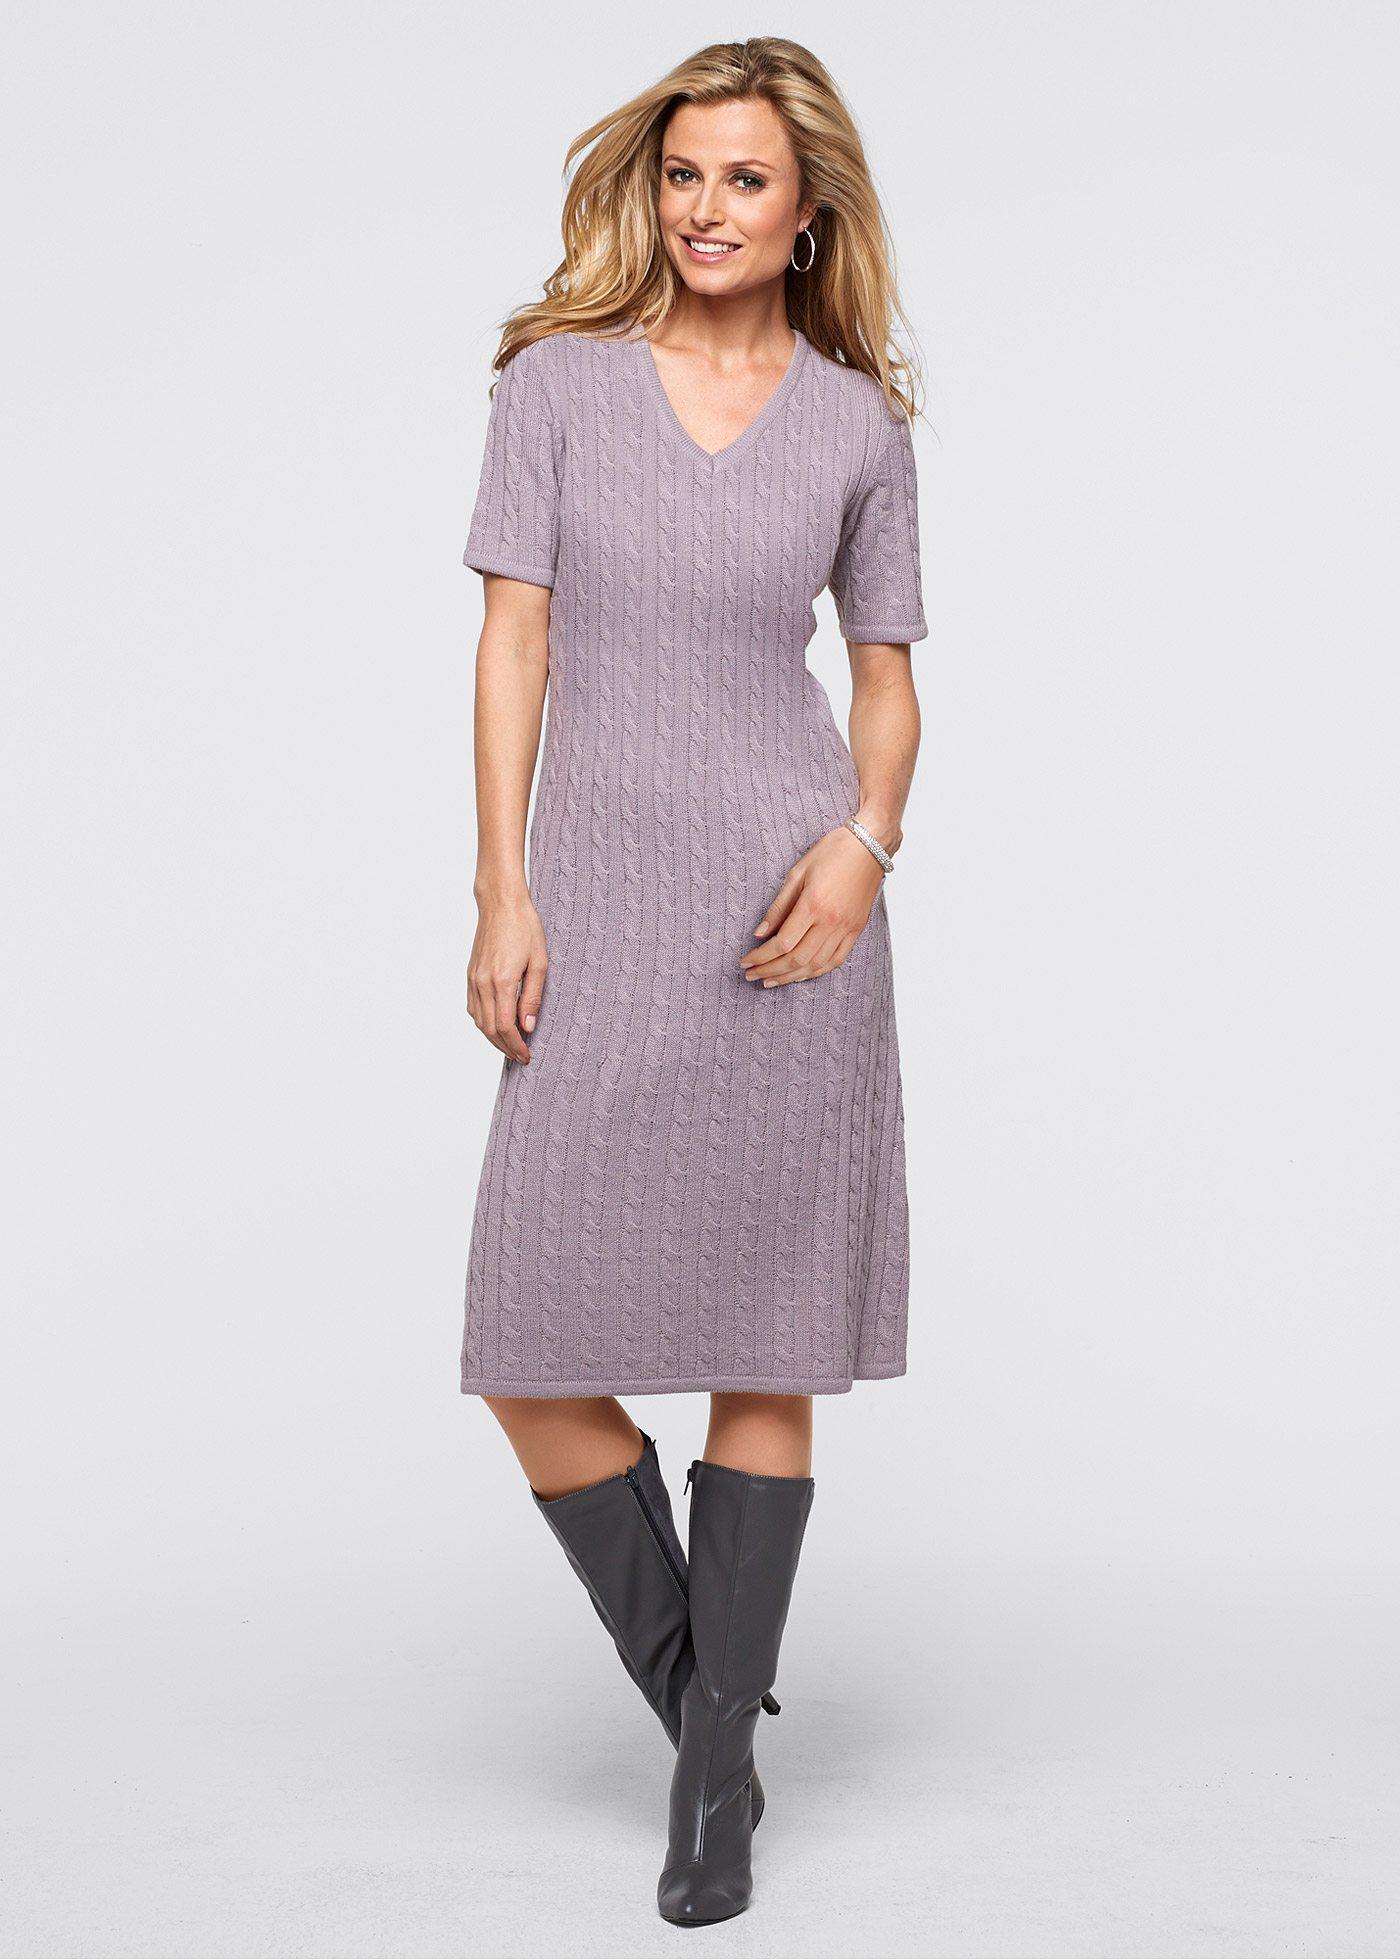 Vestiti Eleganti Anni 40.Abiti Alla Moda Per Le Donne 40 Anni 100 Foto Di Stili Eleganti